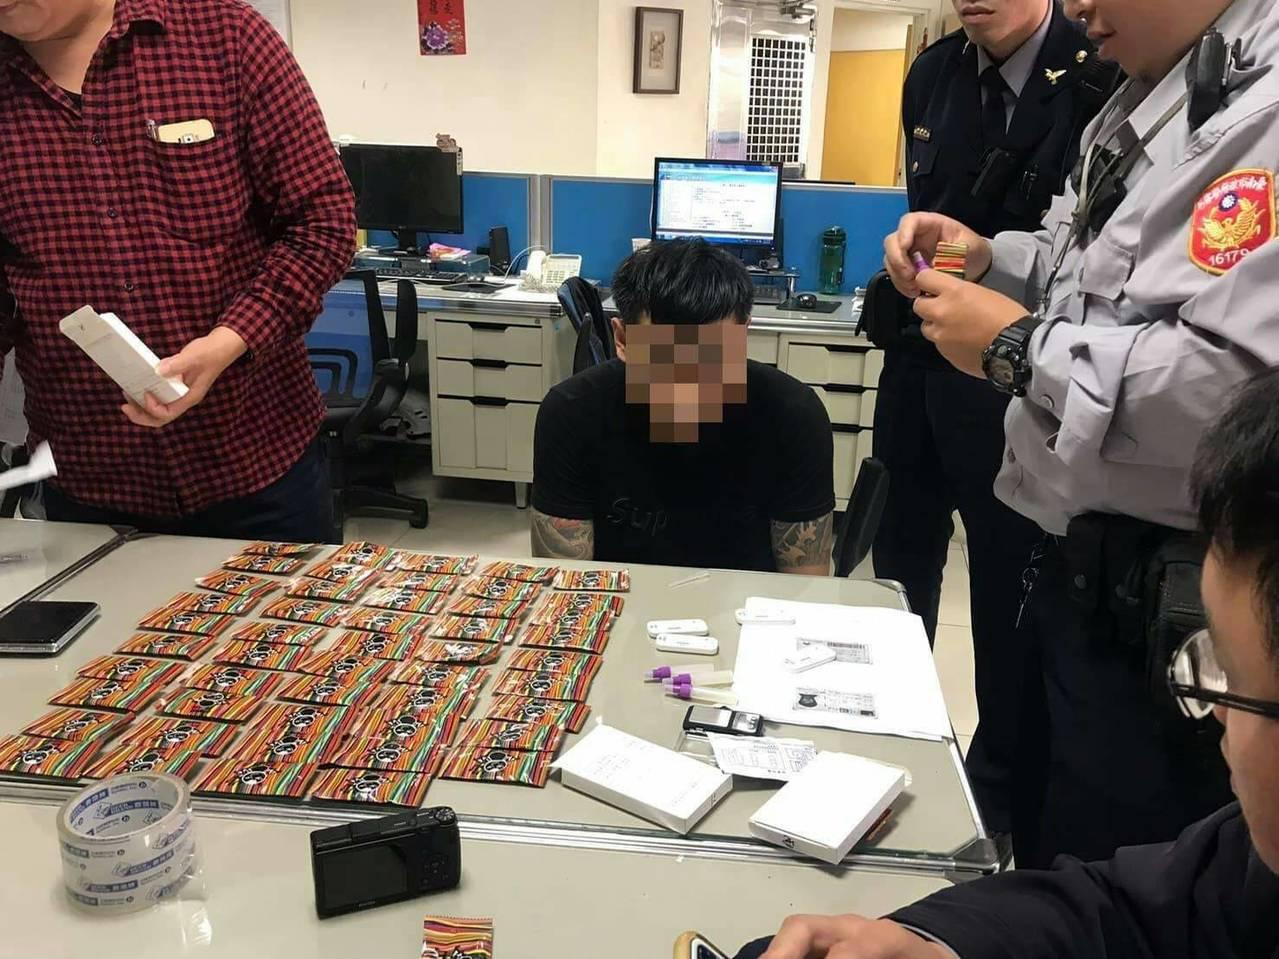 高雄市23歲李姓男子涉嫌持有大量毒品,被警方查獲法辦。記者黃宣翰/翻攝